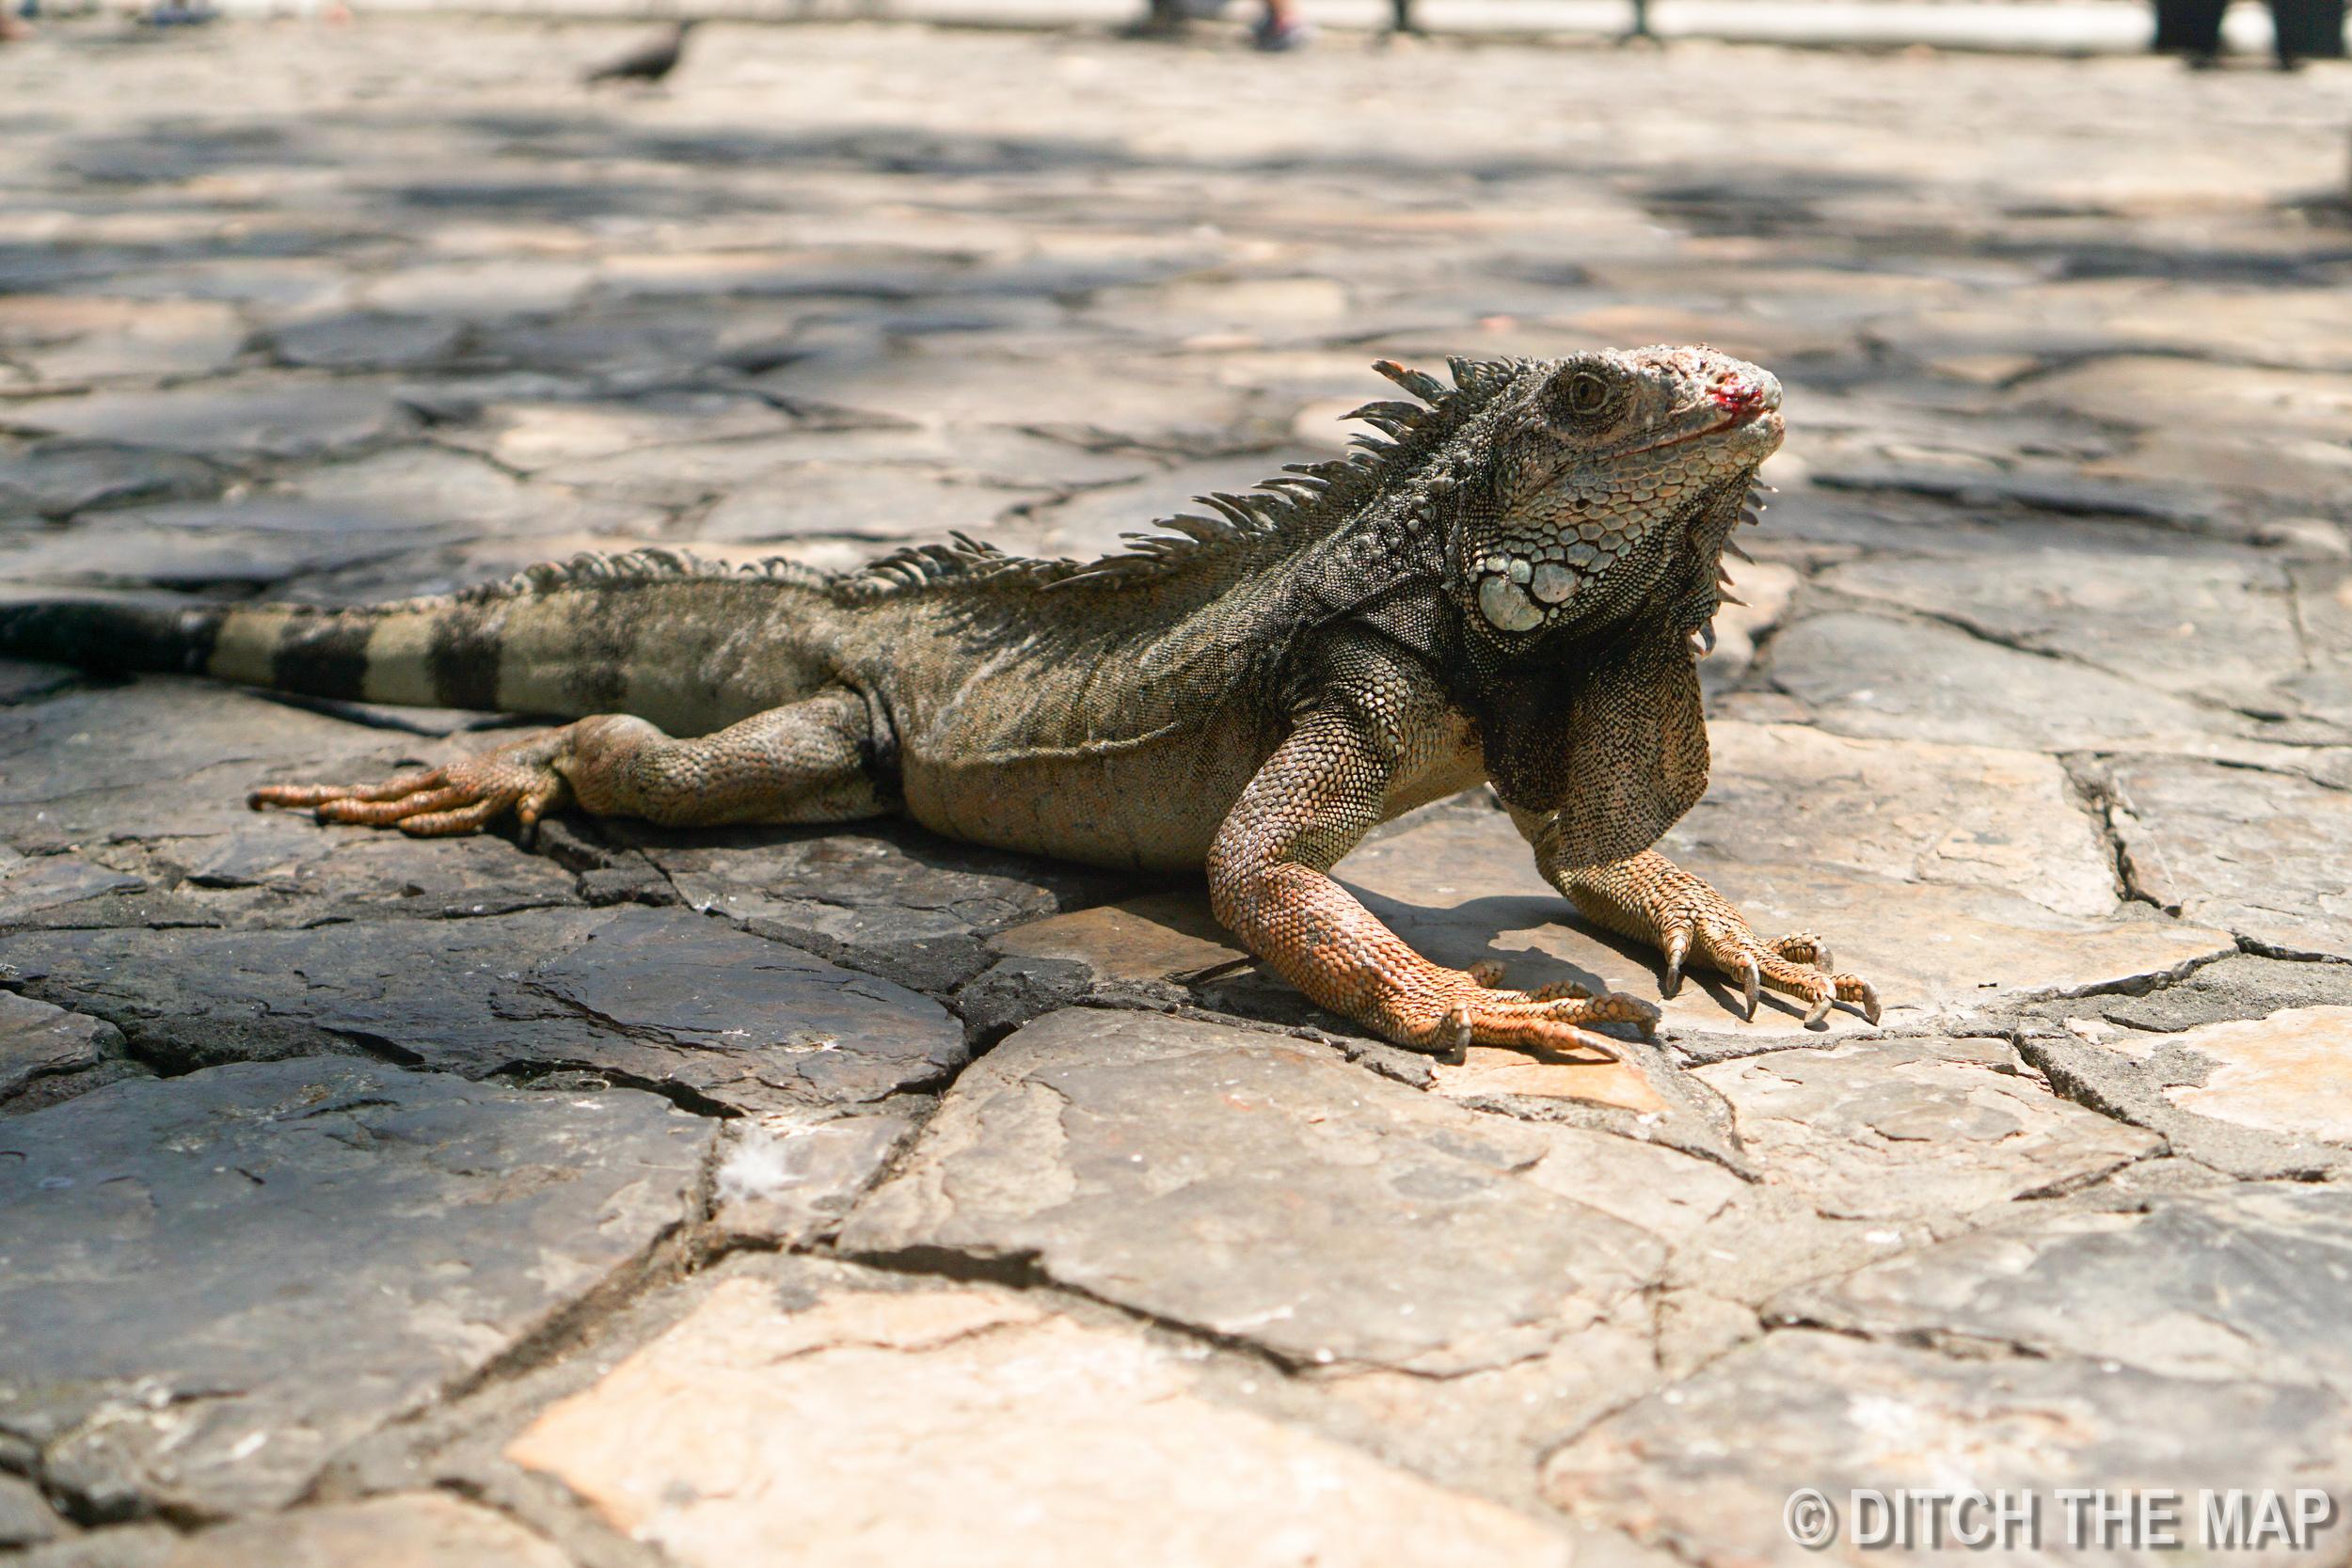 Parque de las Iguanas in Guayaquil, Ecuador